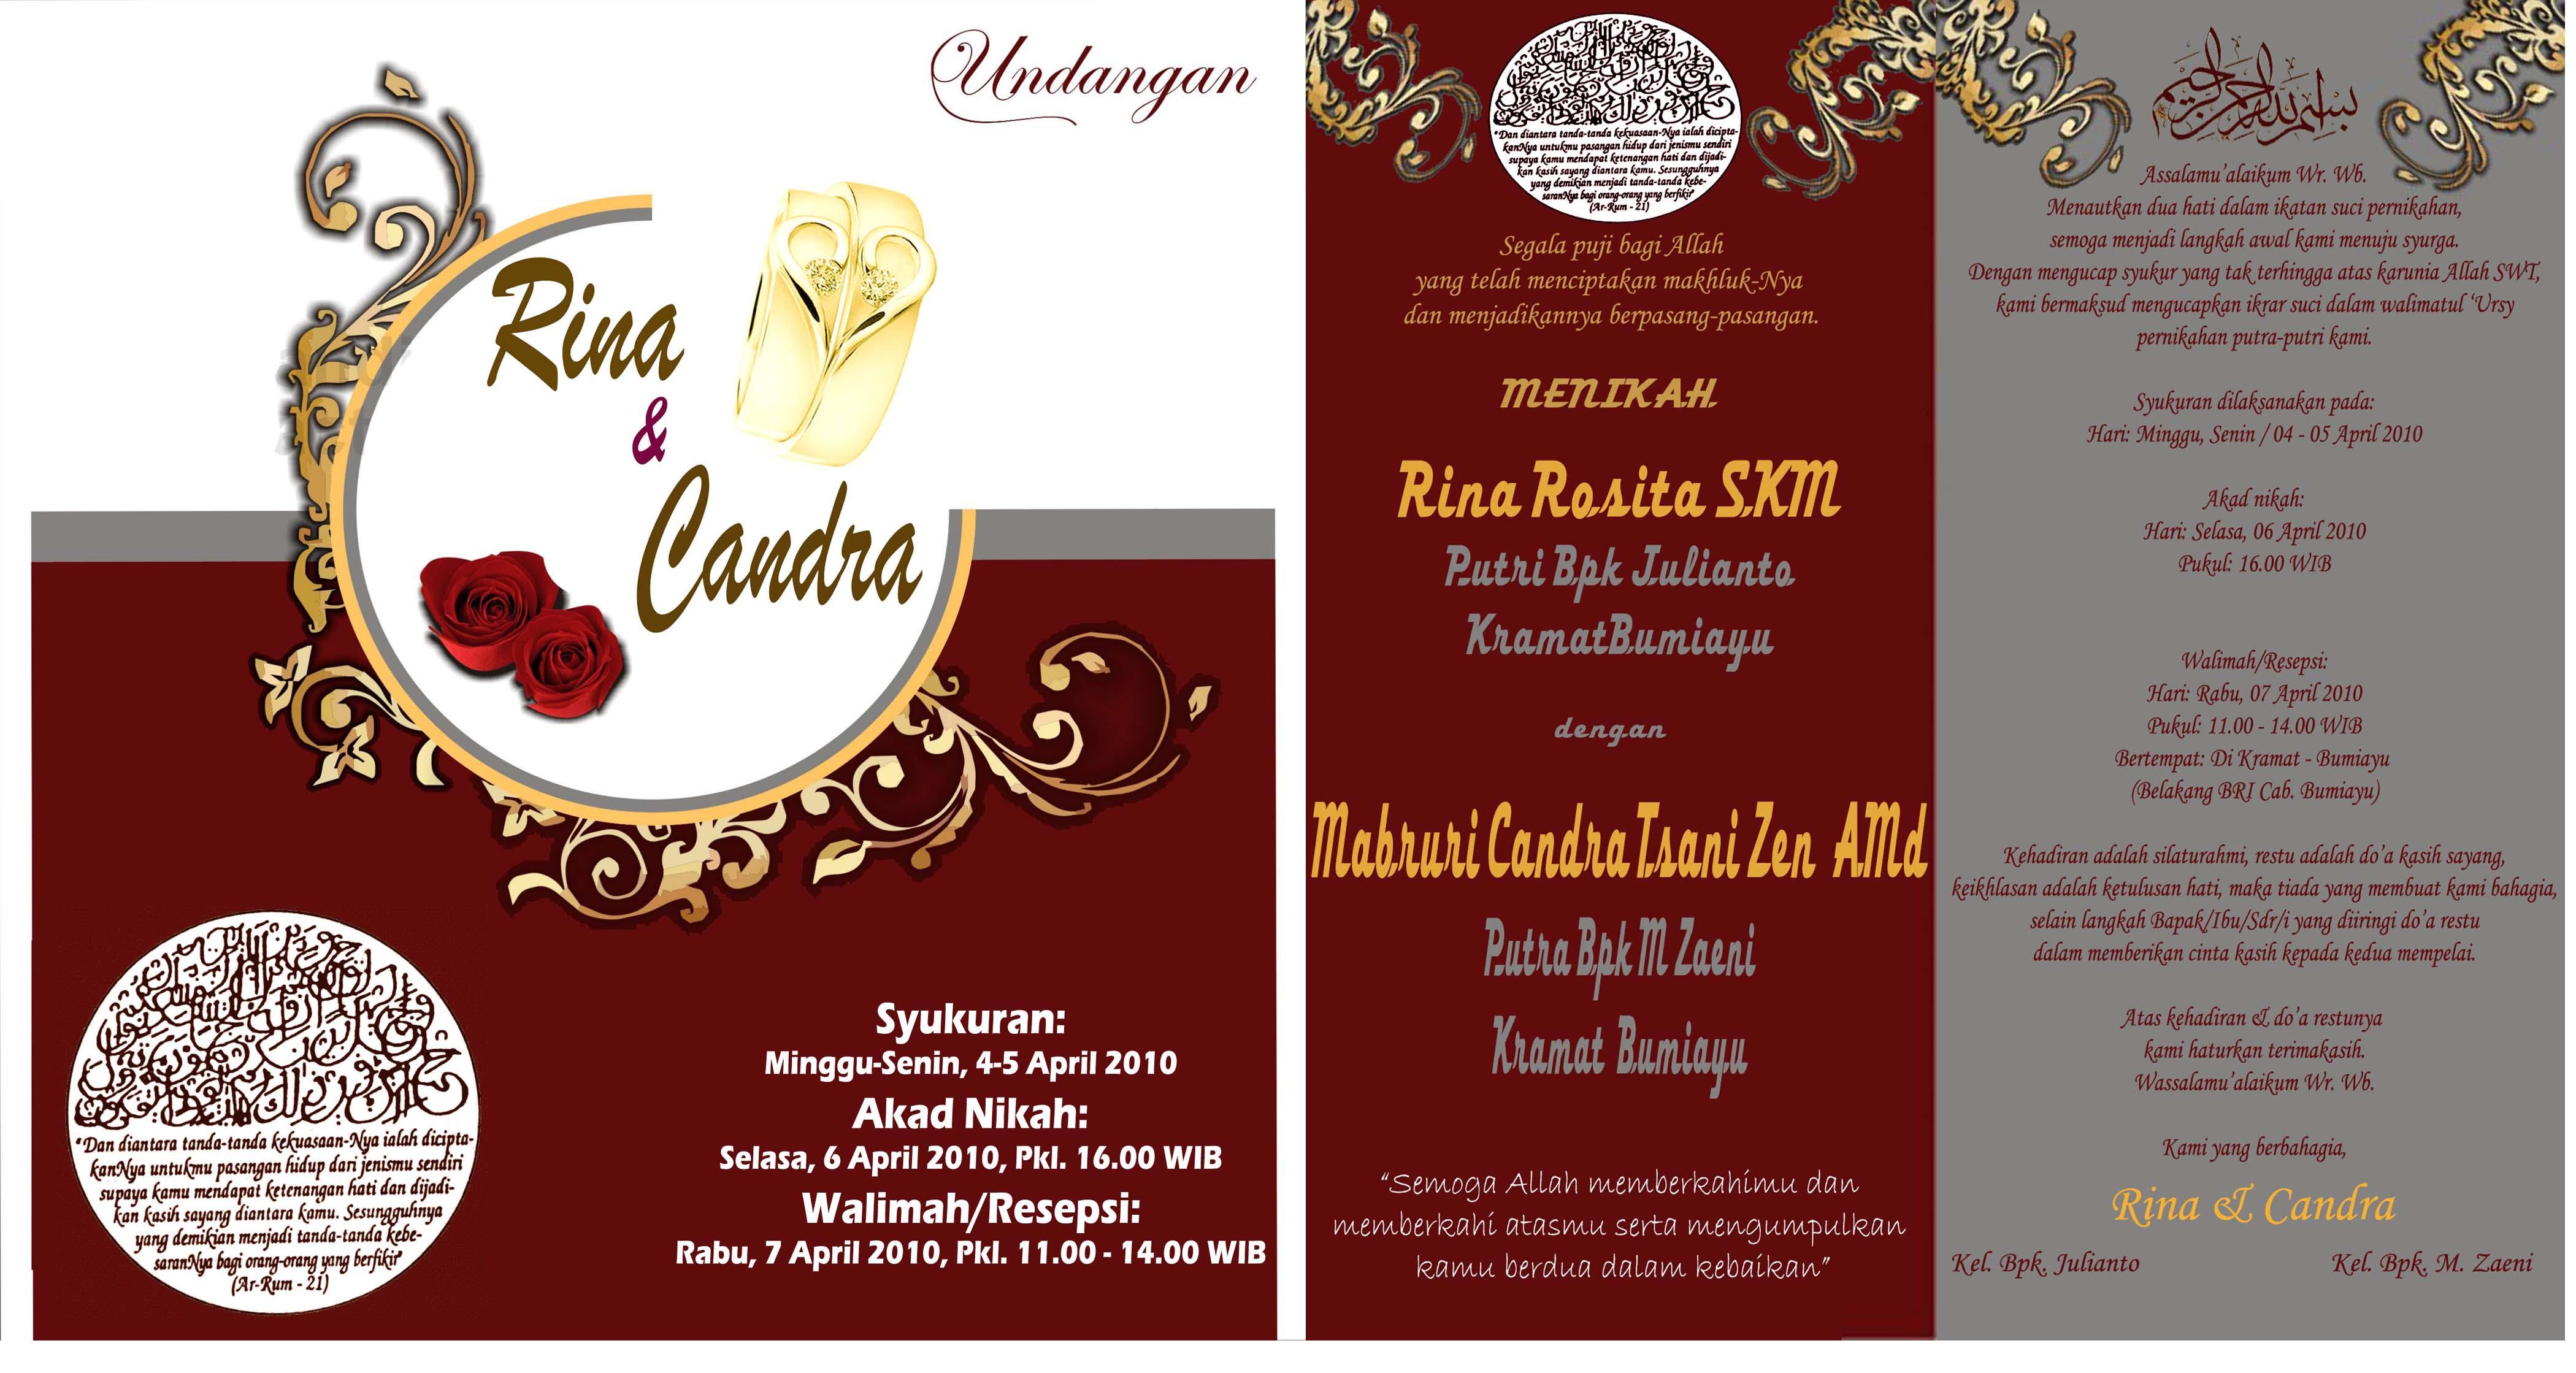 Desain Undangan Rina & Chandra